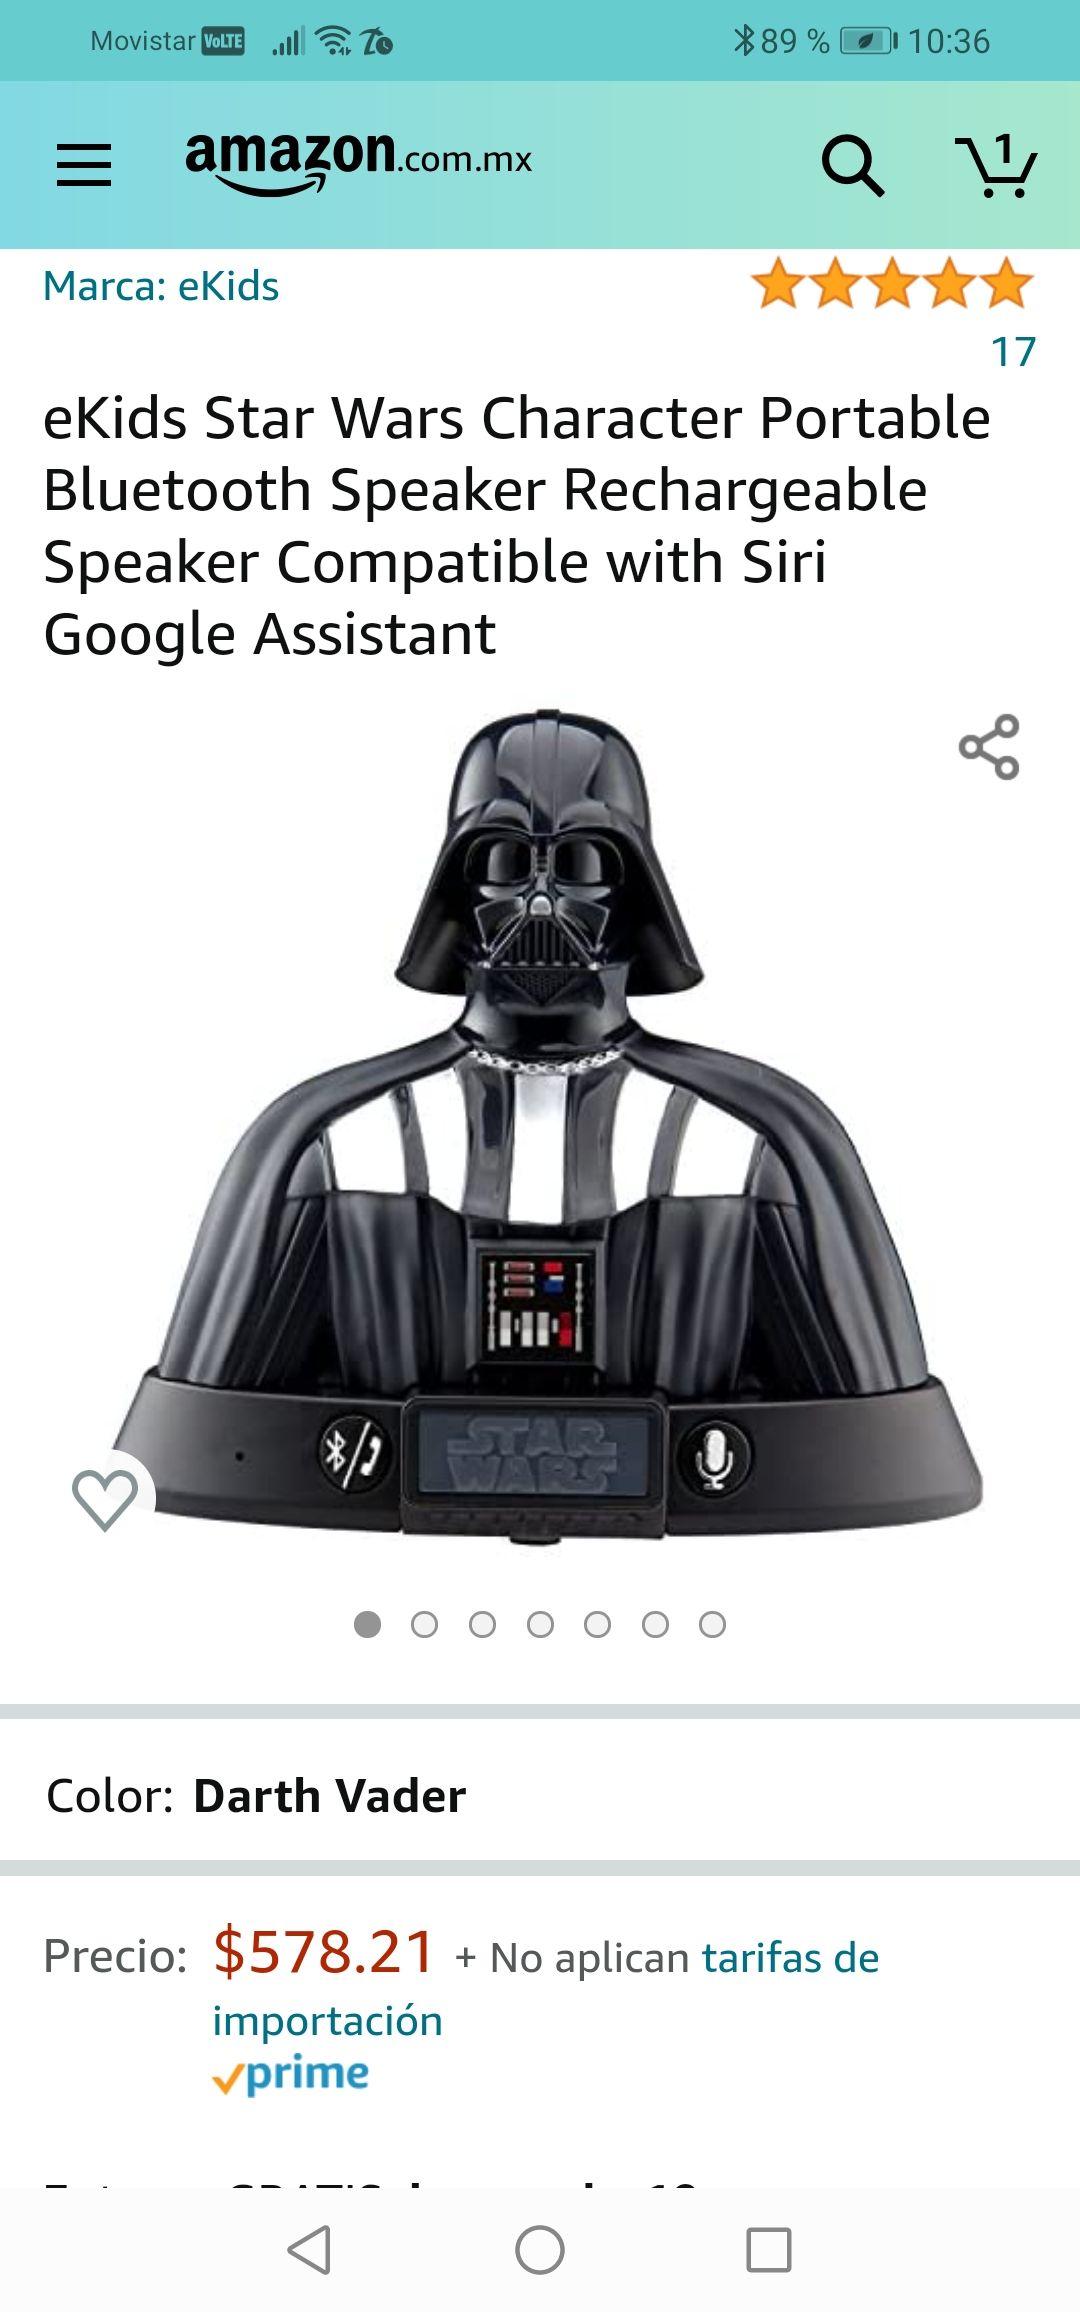 Amazon : Bocina star wars compatible con google asistente únete al lado oscuro de la fuerza.